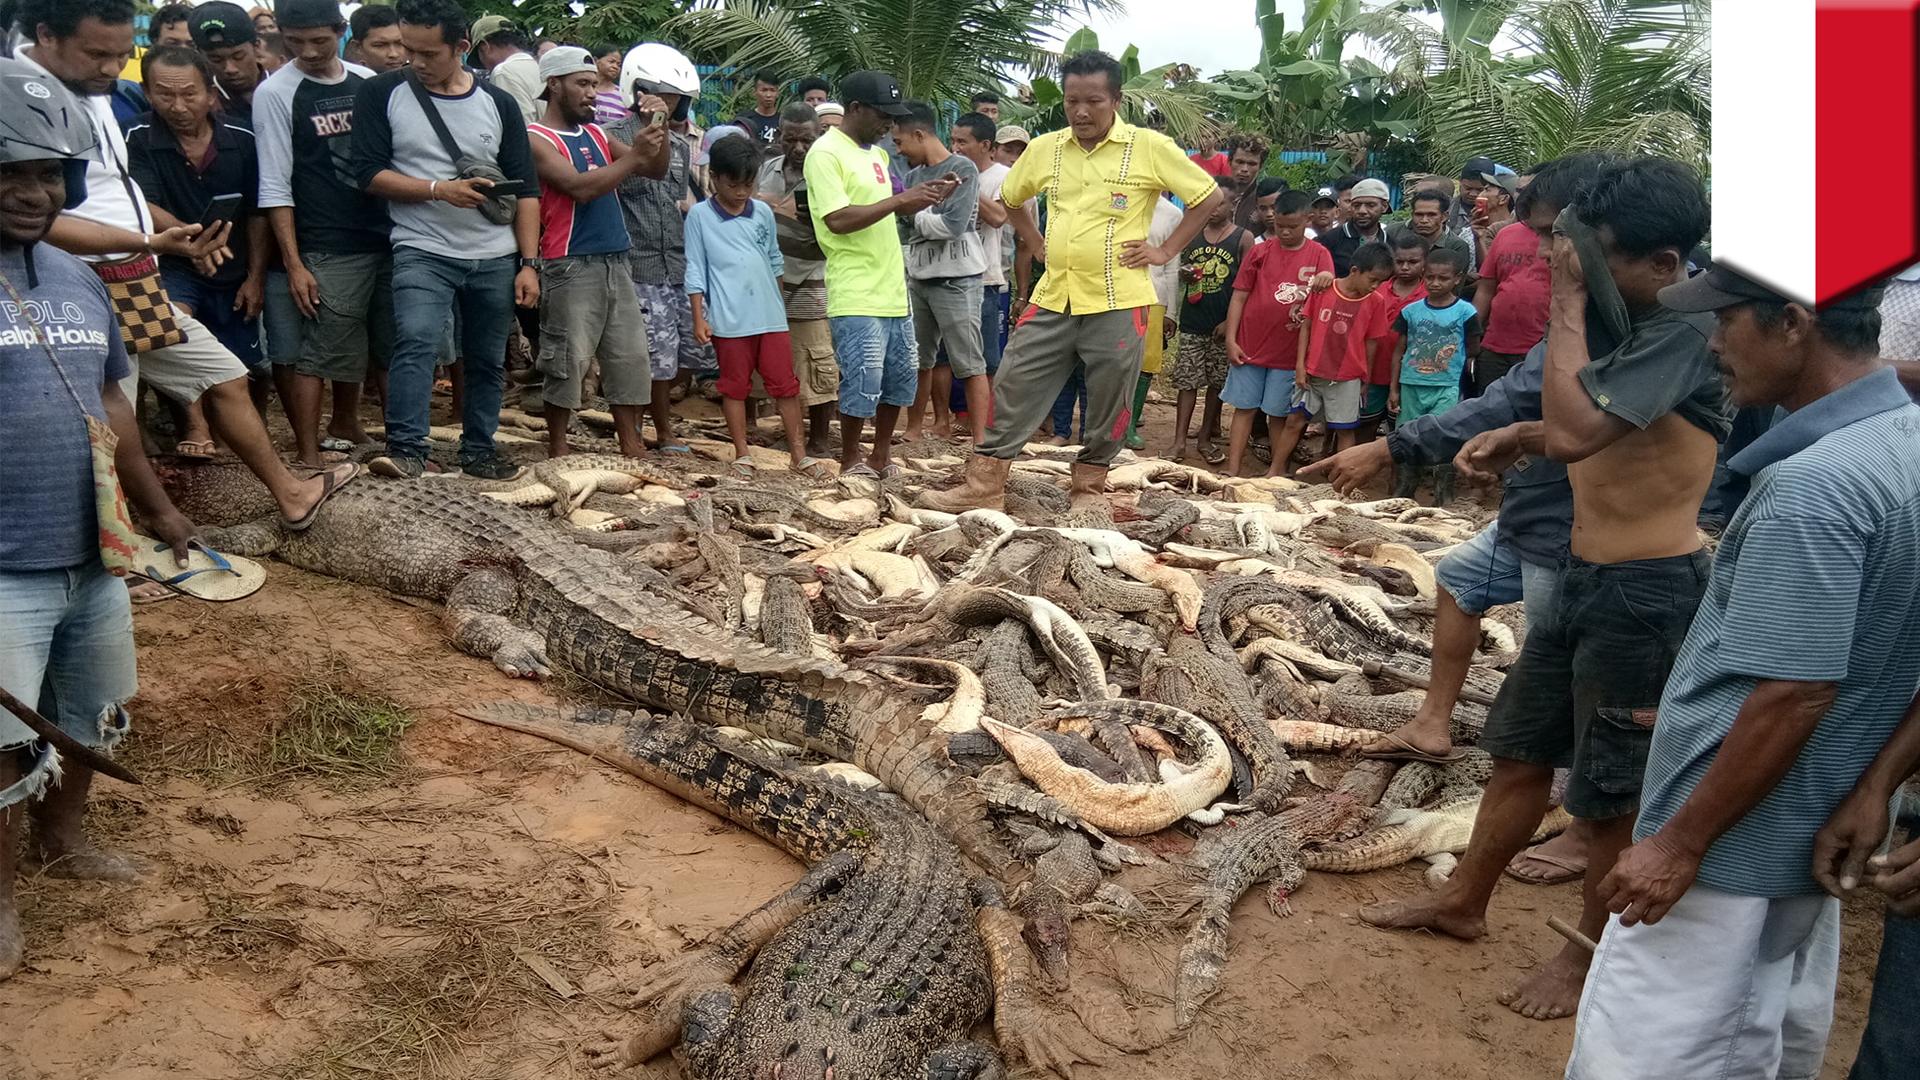 قتل و عام کروکودیل ها توسط بومیان خشمگین + فیلم//